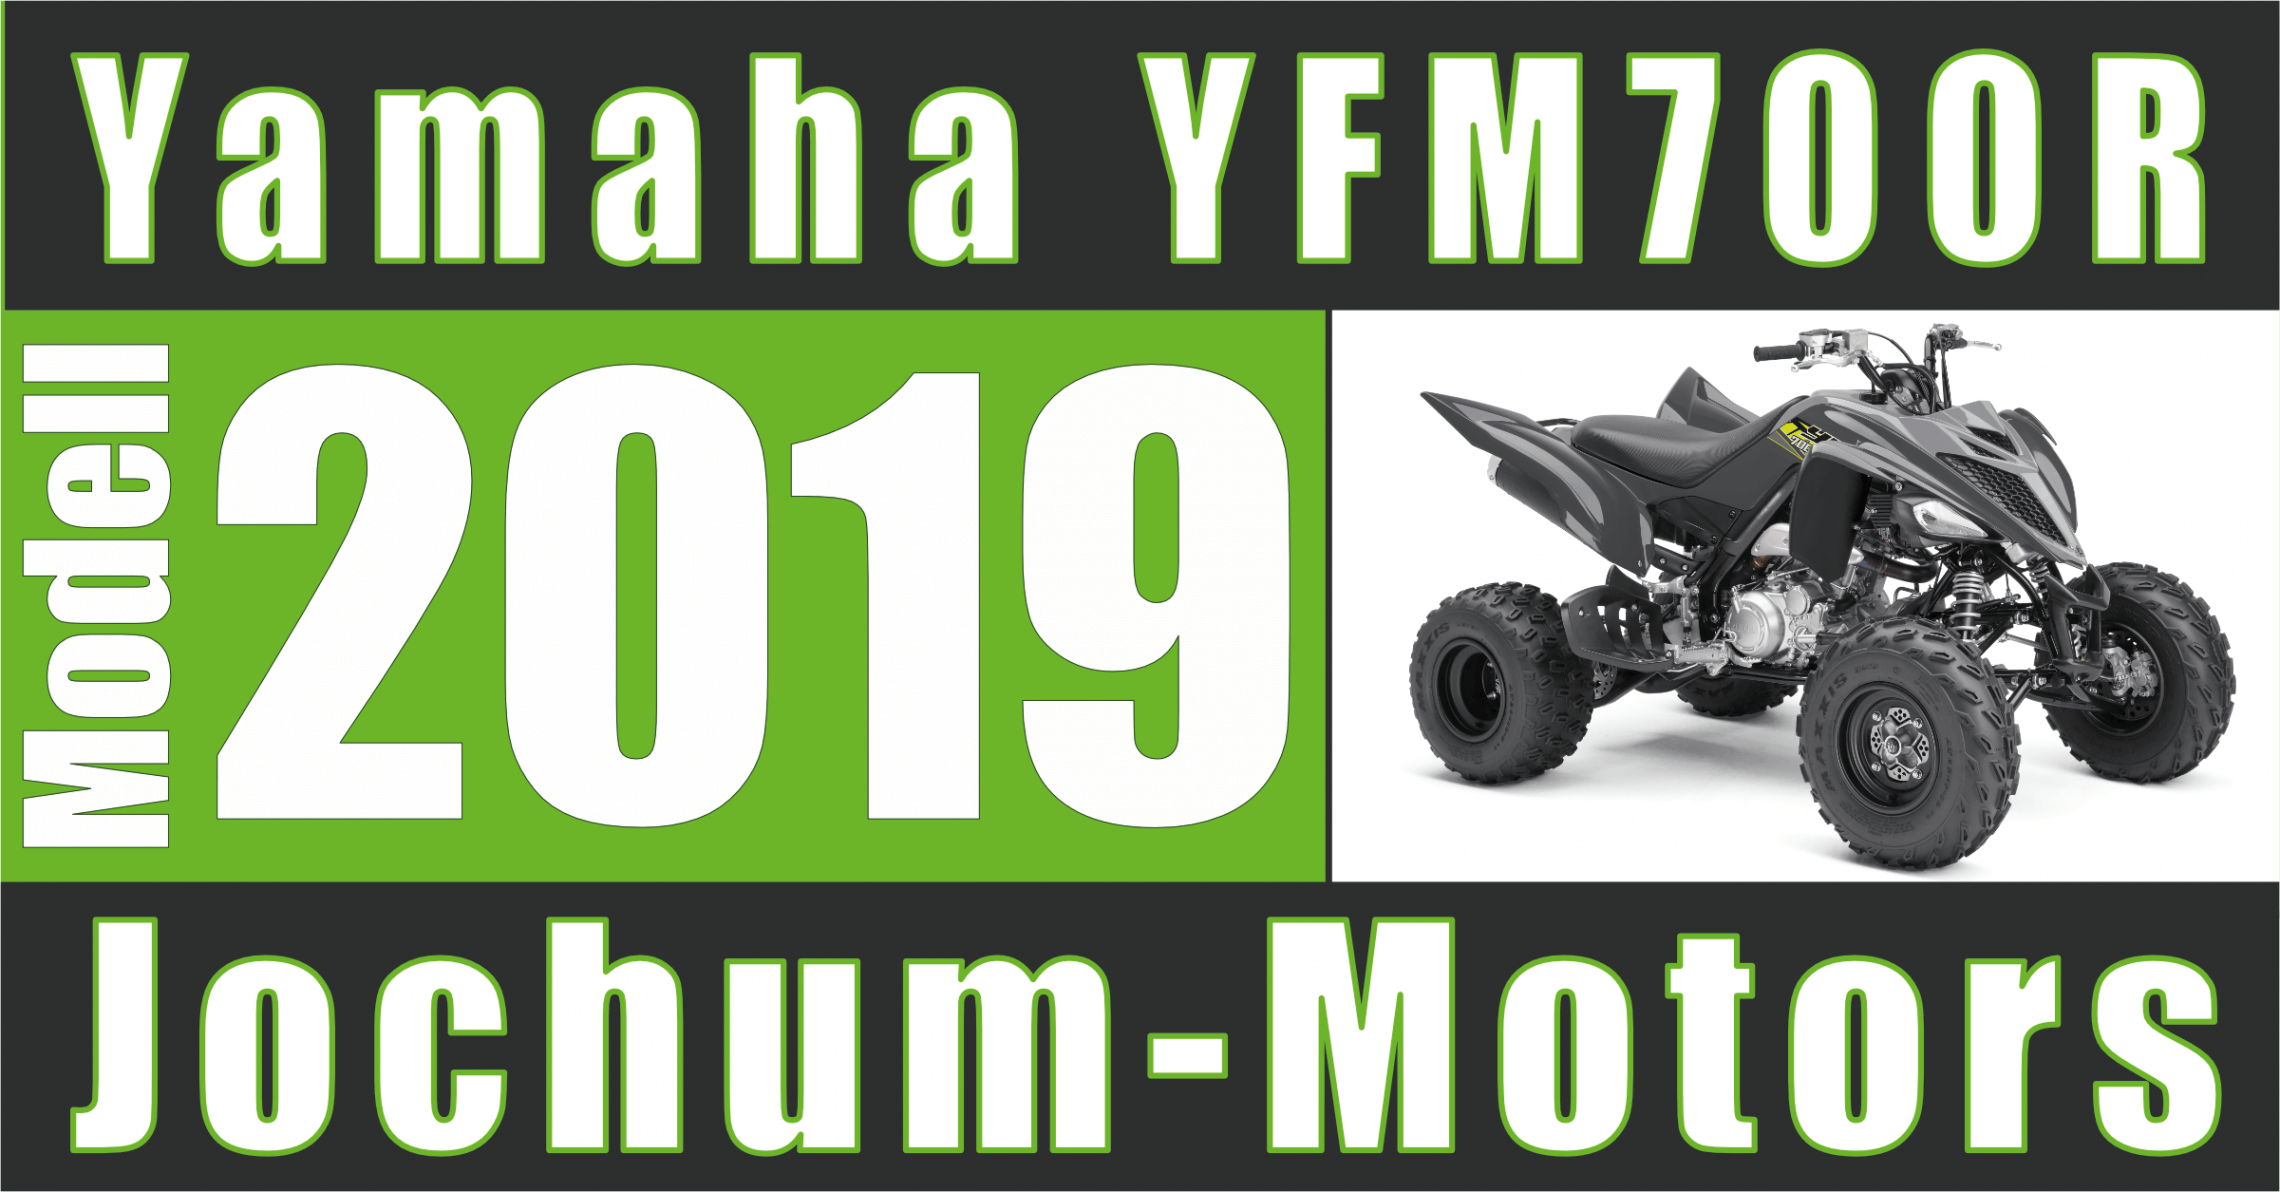 YFM700R ein ATV von Yamaha